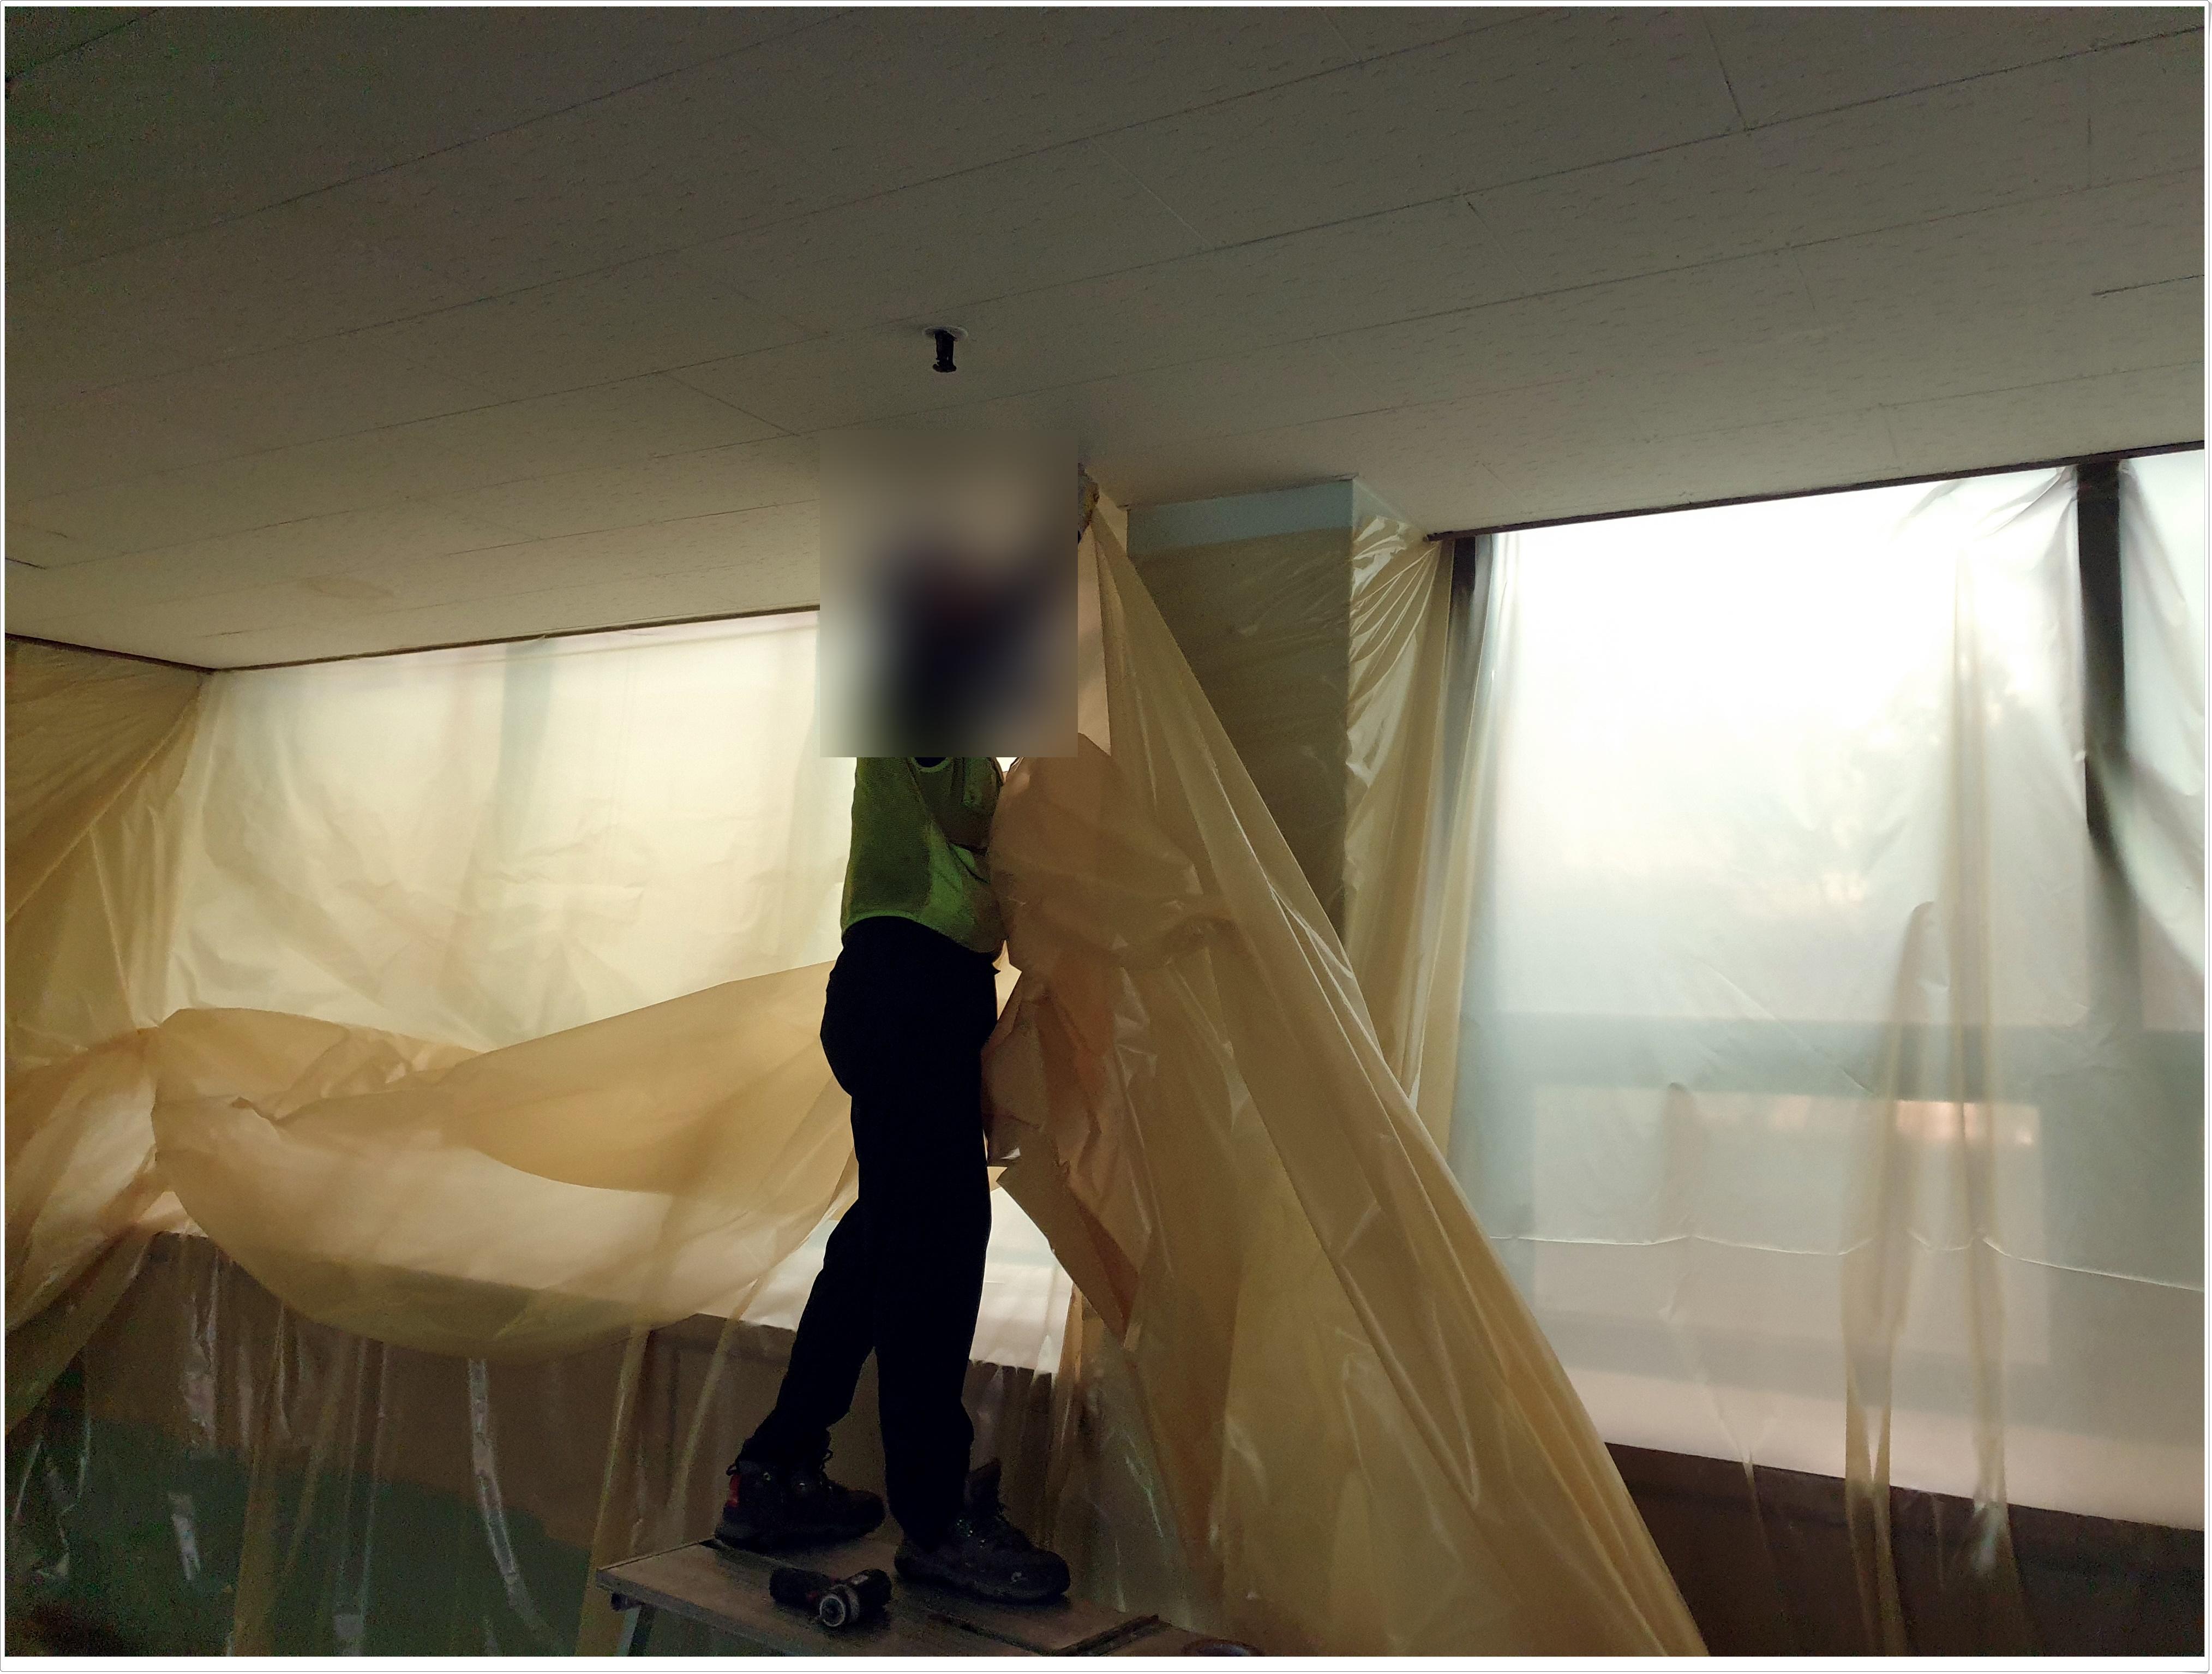 5 번째 사진  에  연면적 ㎡ 부산 건축물 석면철거 현장 (보양작업)